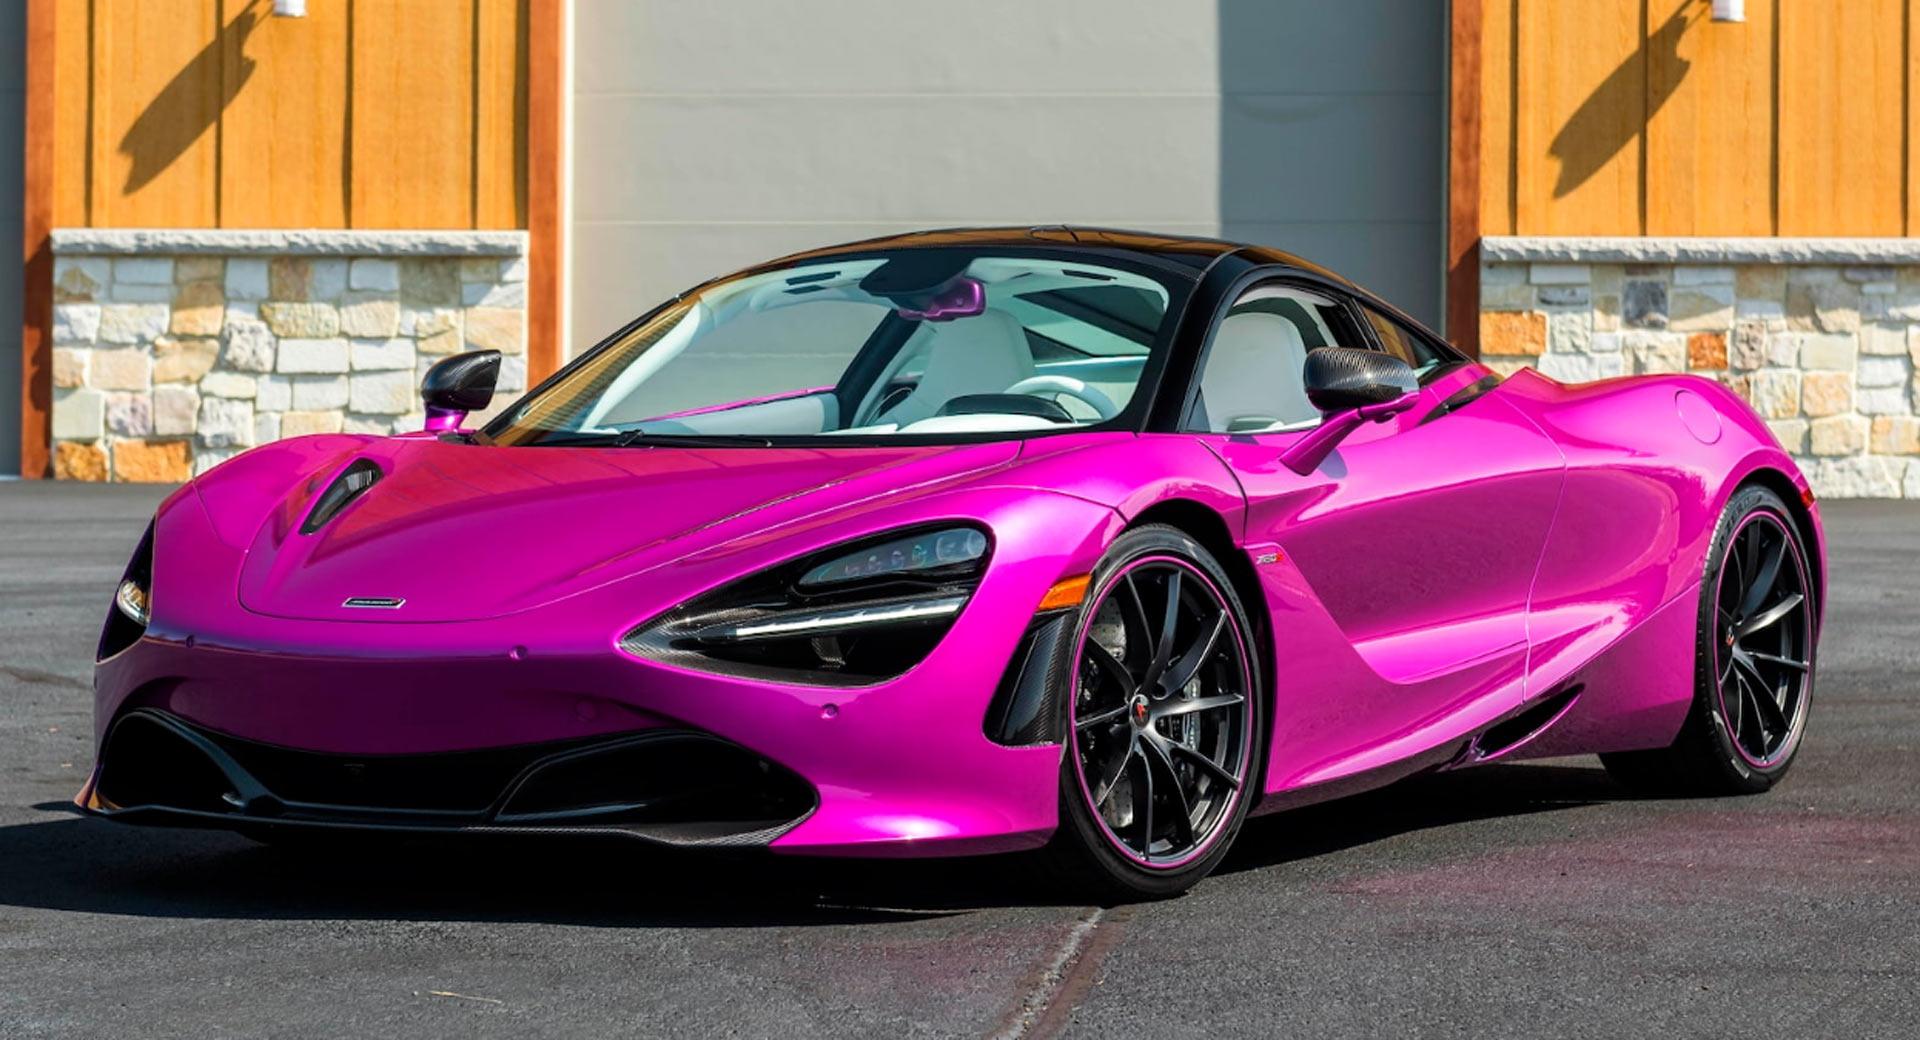 Michael-Fux-cars-auction-McLaren-720S-2